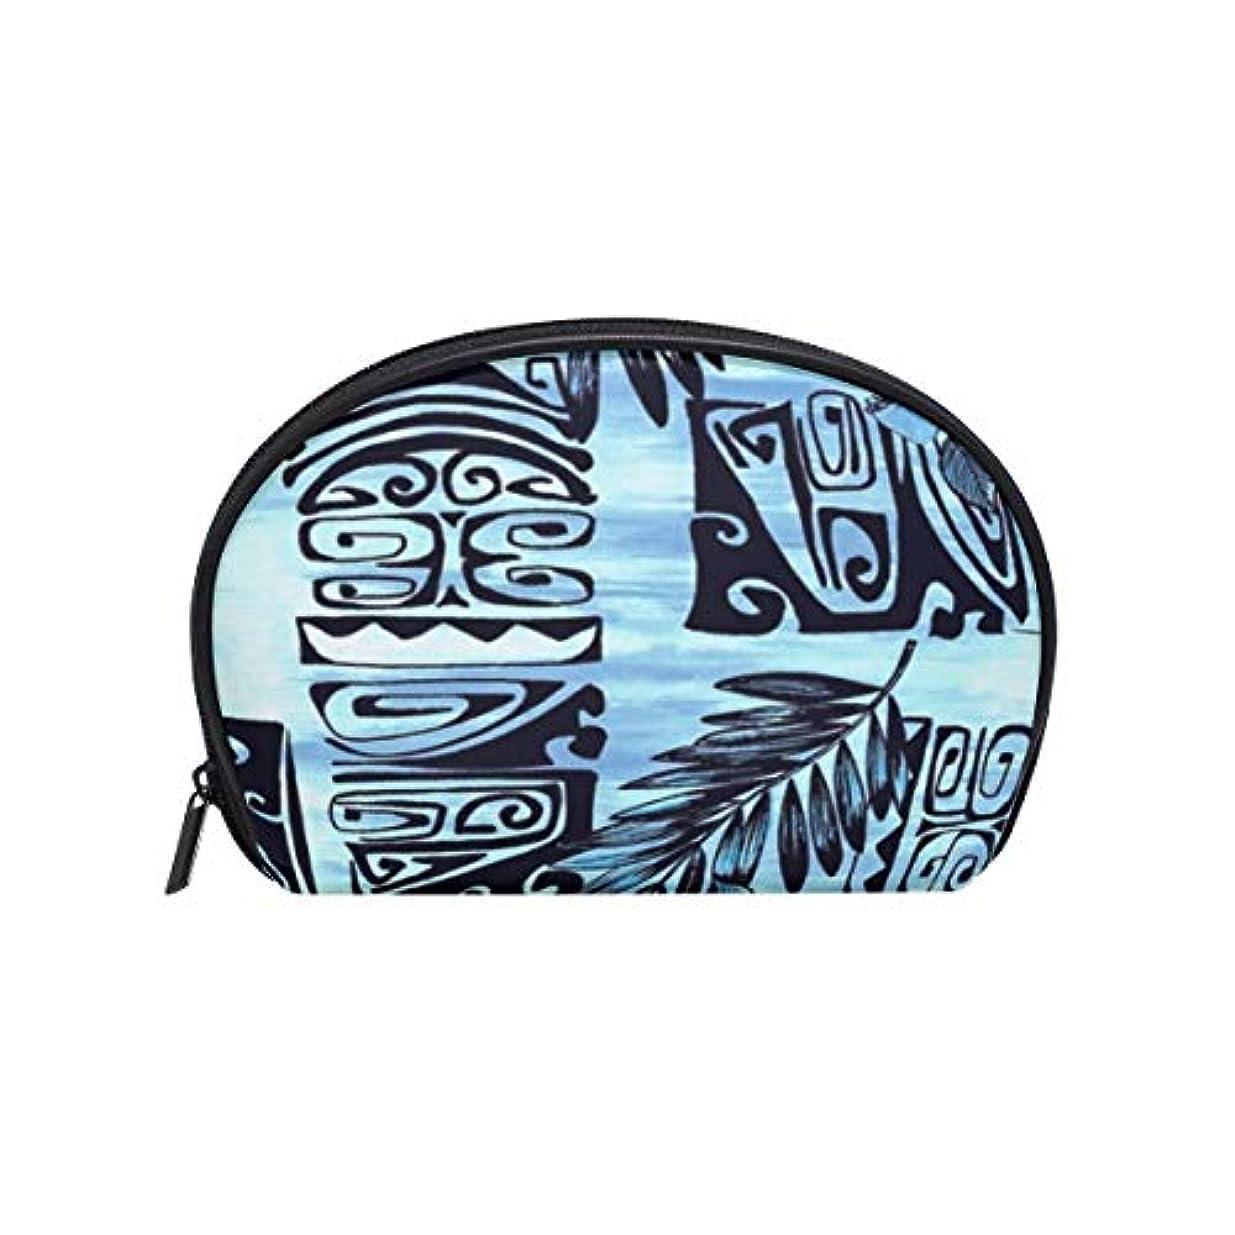 検体対応従来の半月形 化粧ポーチ ハワイアンハイビスカスブルーフローラル 化粧品 大容量収納 メイクポーチ ポーチ 旅行 出張 仕事 [並行輸入品]